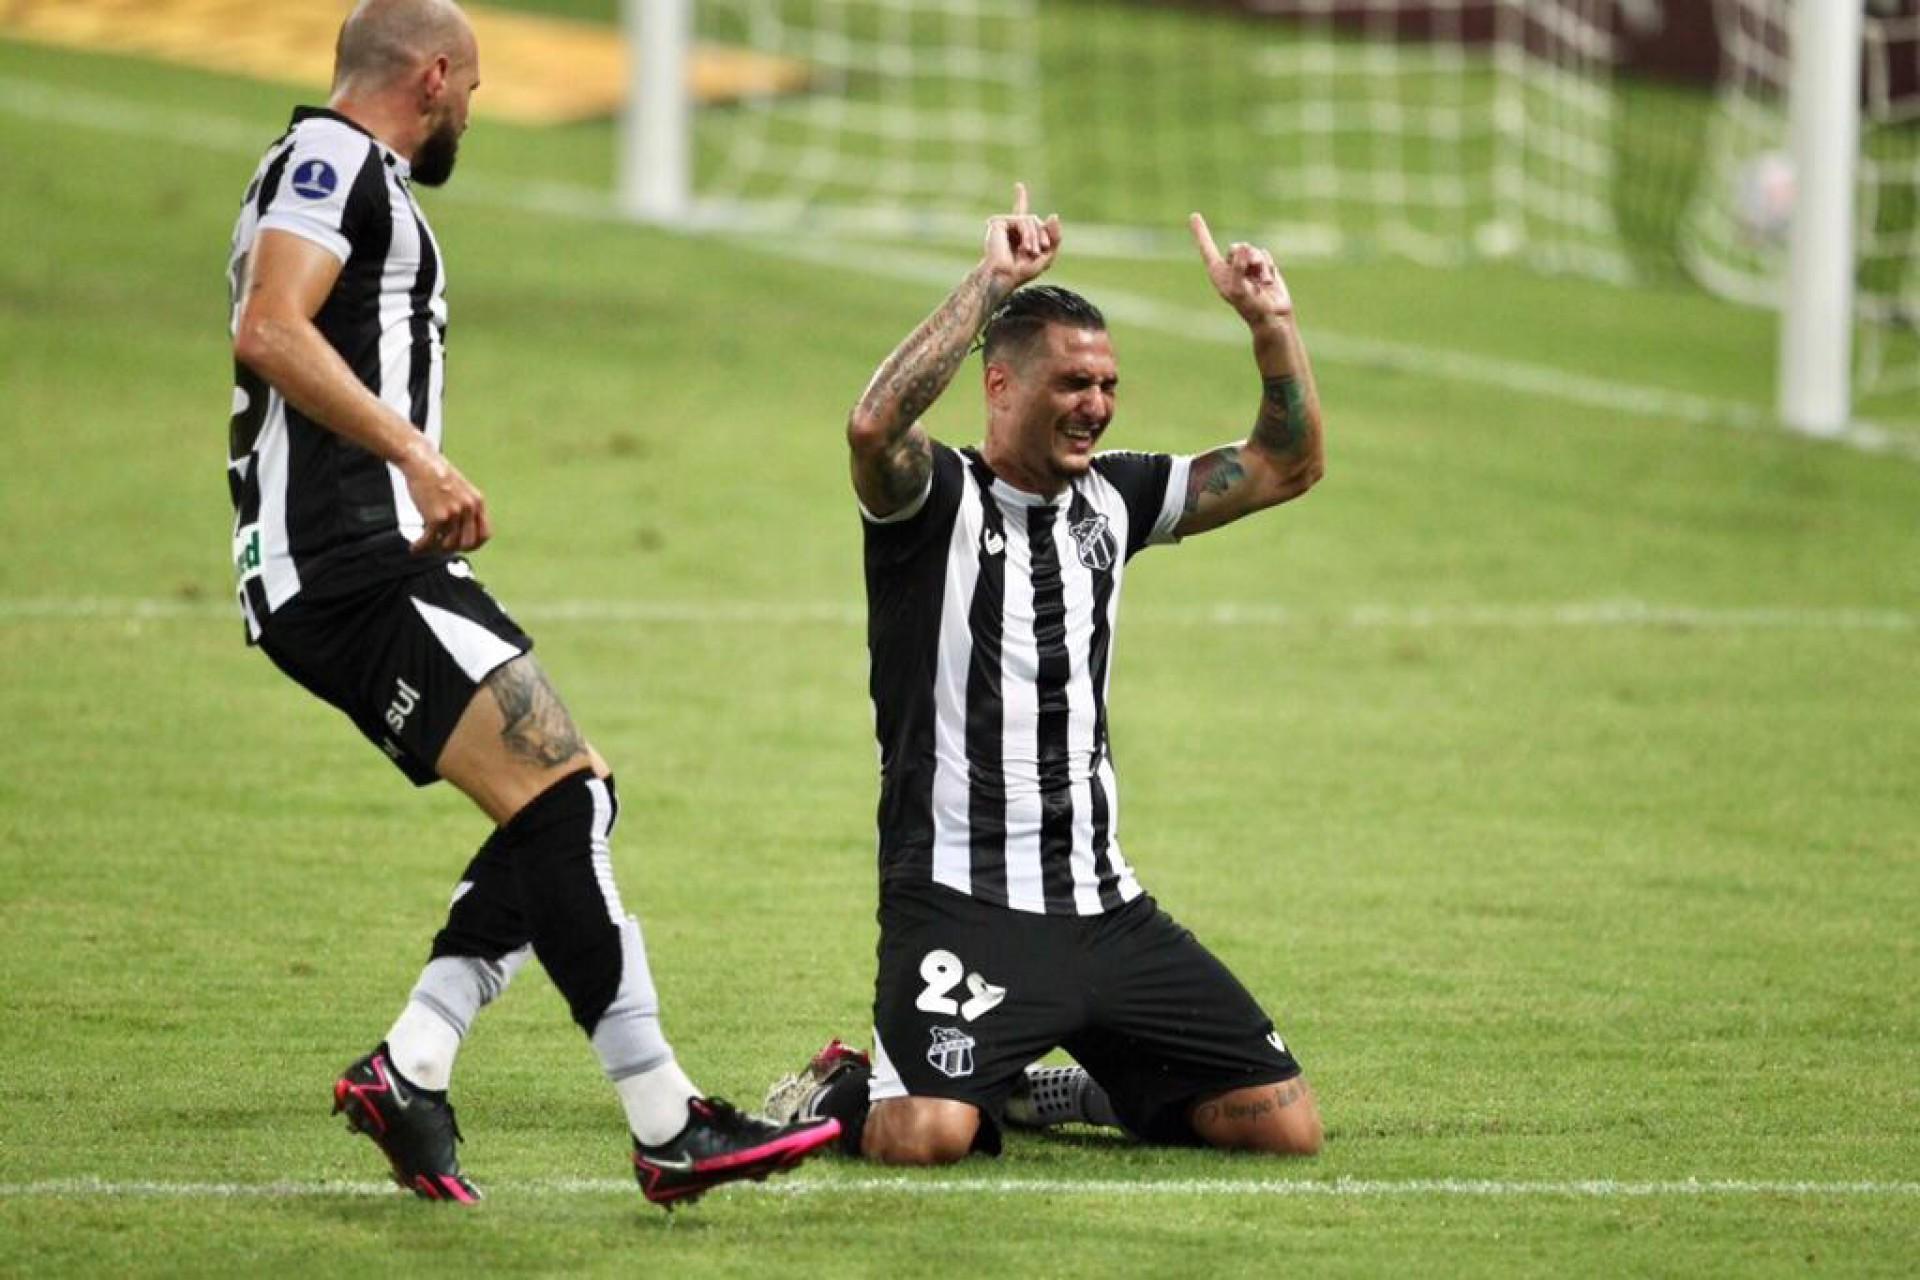 Vina celebra o gol que selou a vitória do Ceará sobre o Jorge Wilstermann (Foto: Fabio Lima)